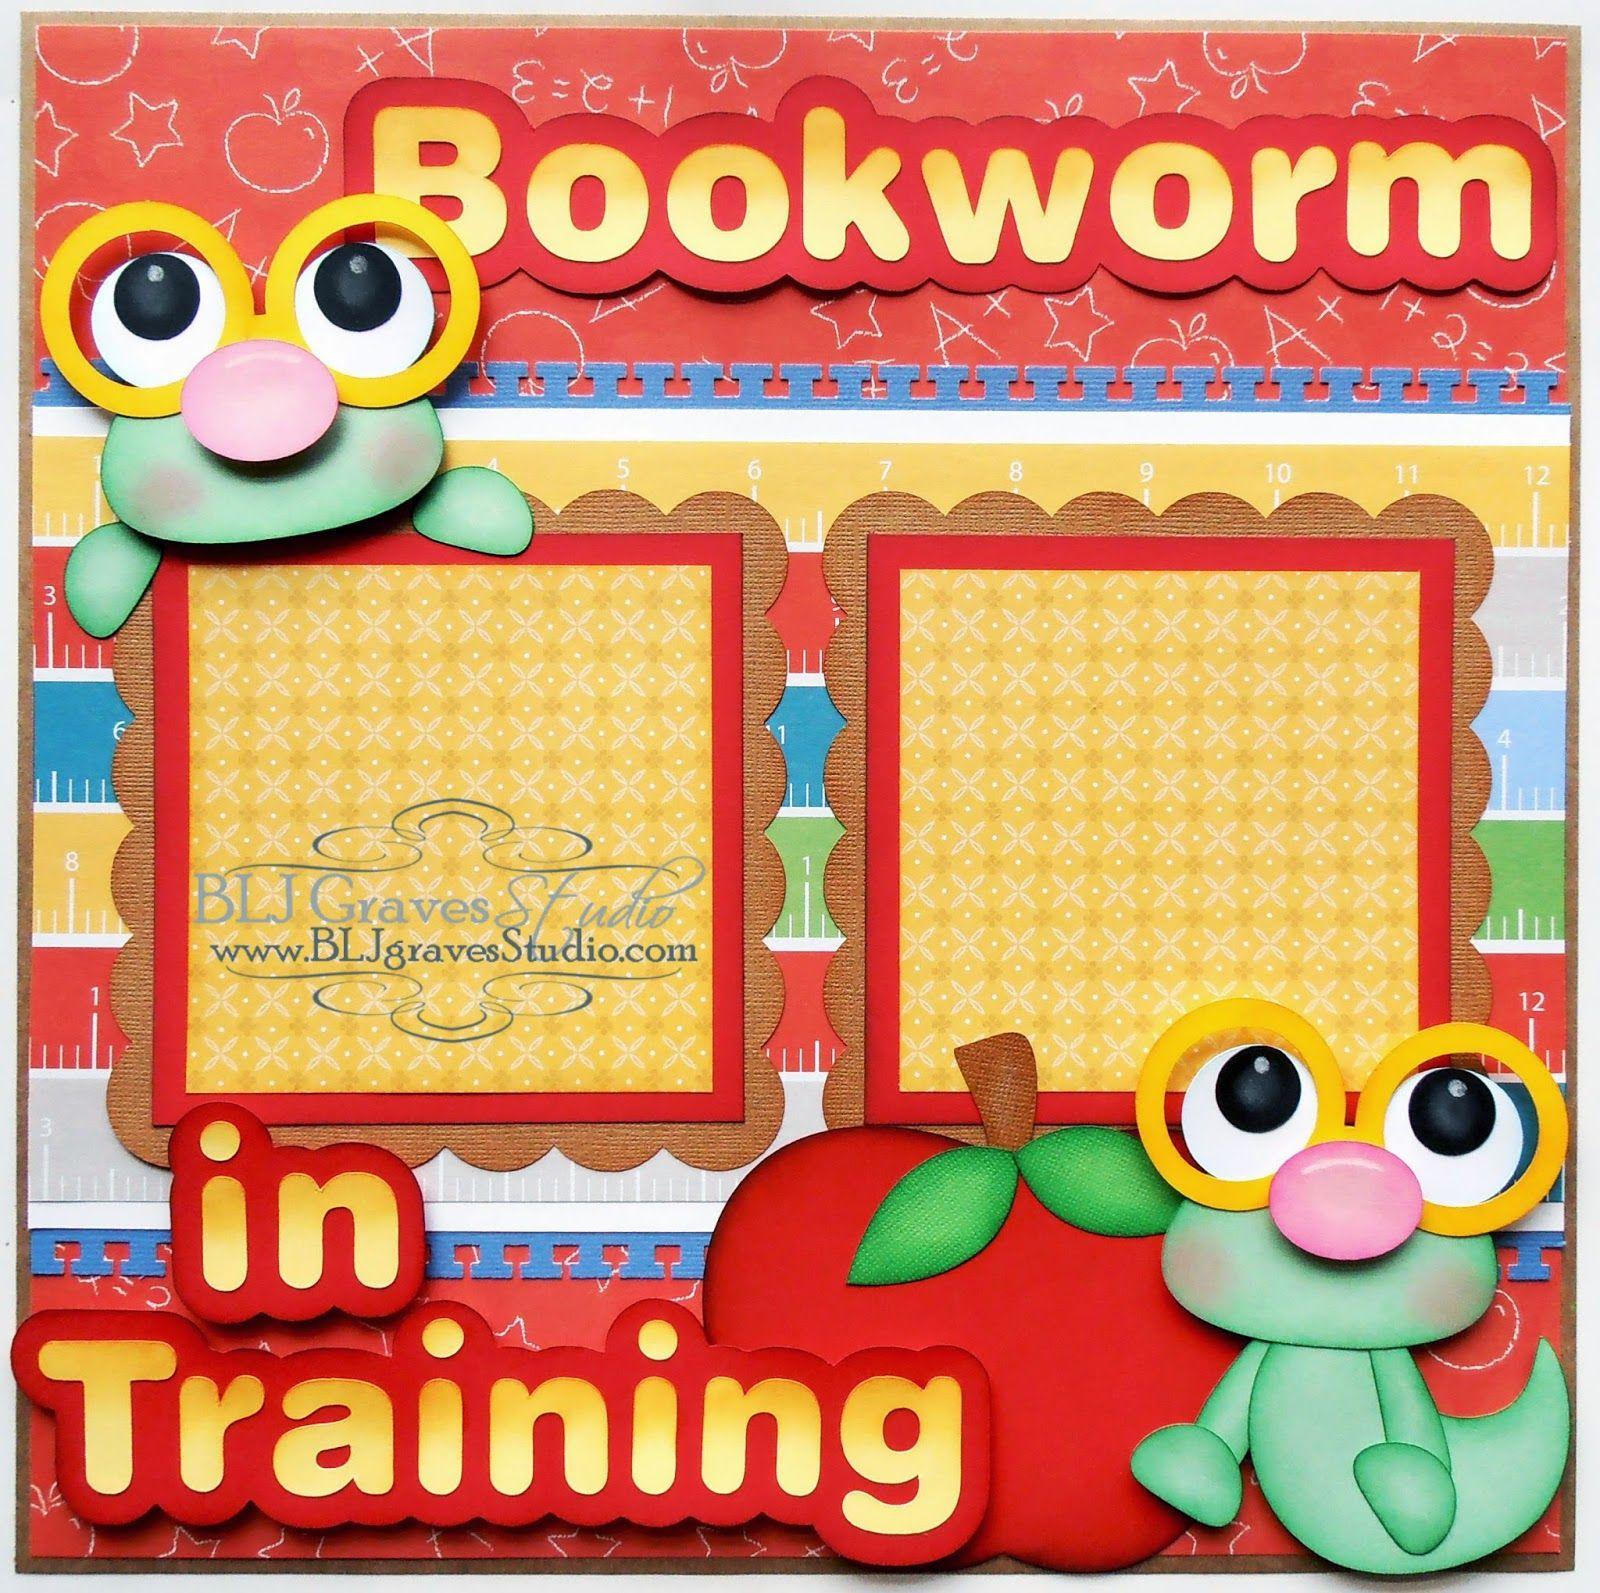 Scrapbook ideas school - Blj Graves Studio Bookworm In Training School Scrapbook Page